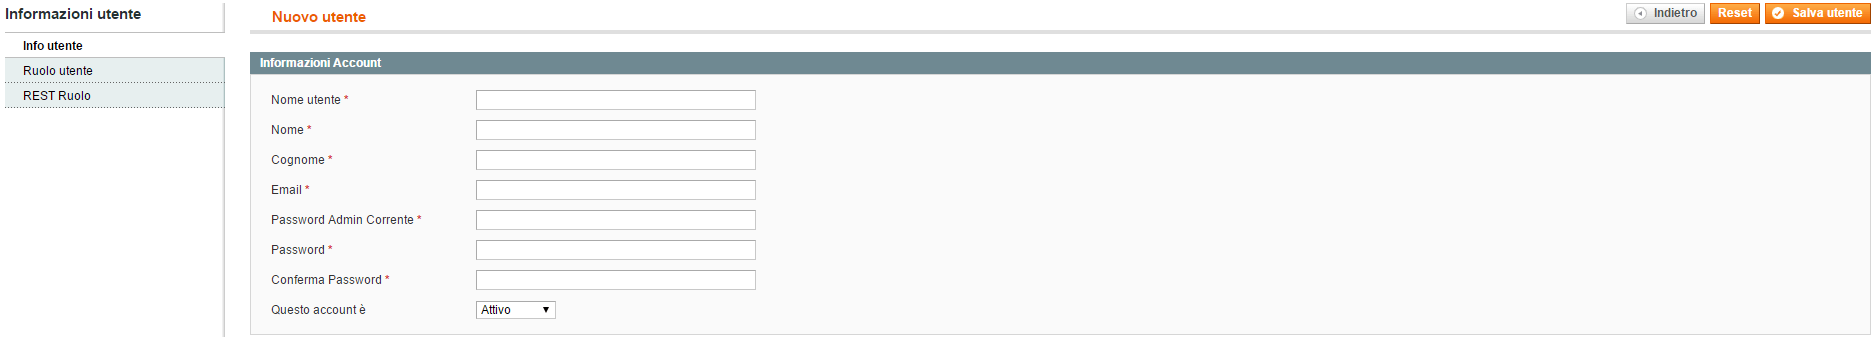 nuovo-utente-utenti-permessi-sistema-magento-admin